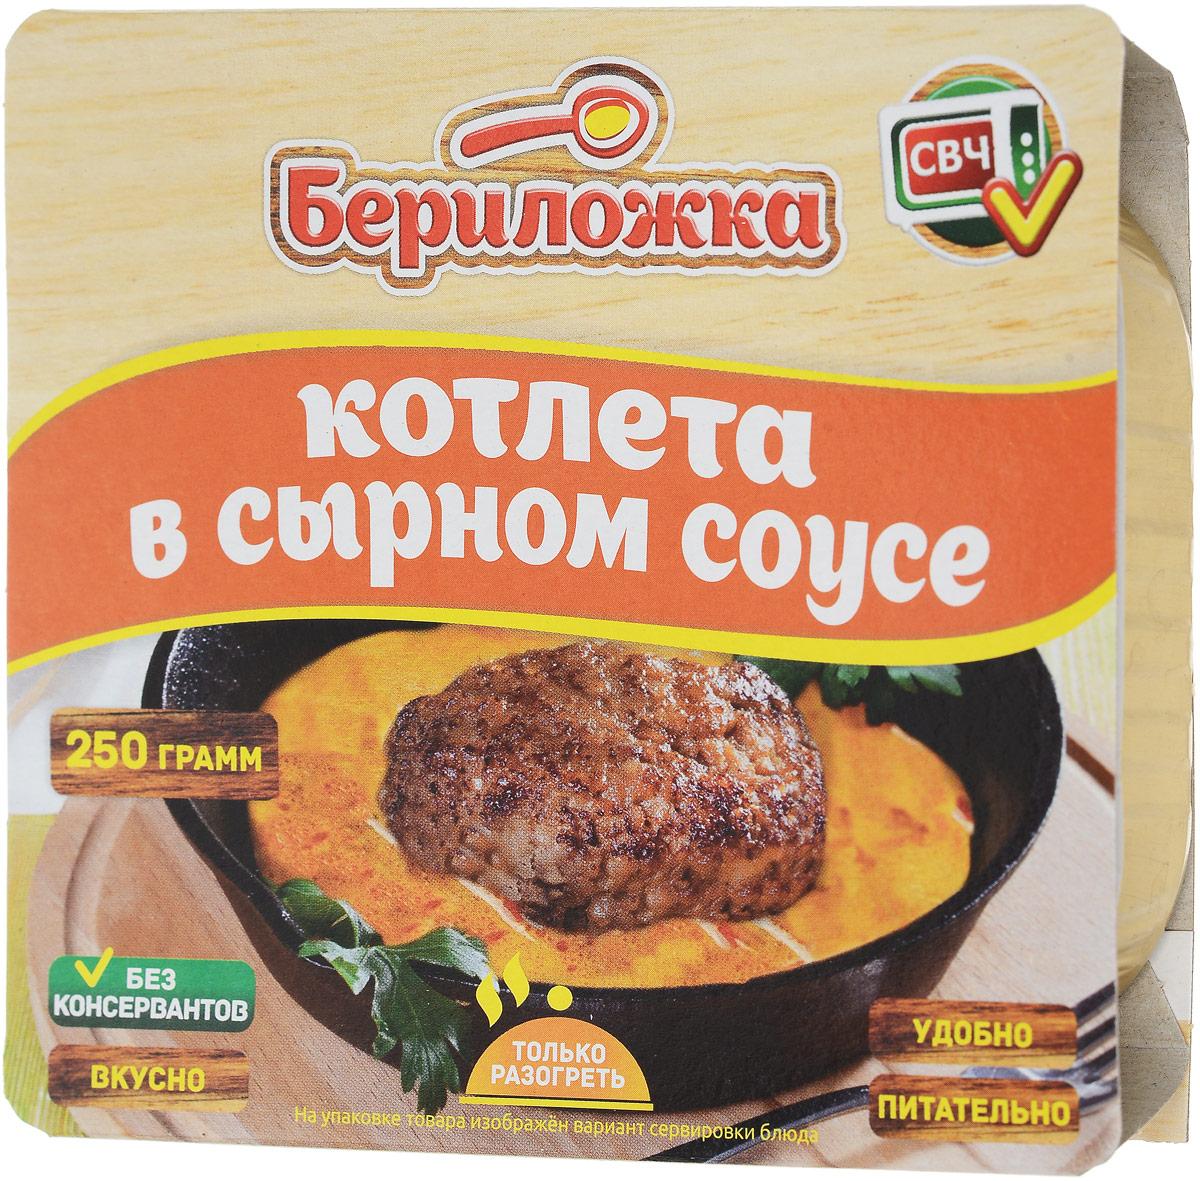 Бериложка котлета в сырном соусе, 250 г бериложка биточки в грибном соусе 250 г